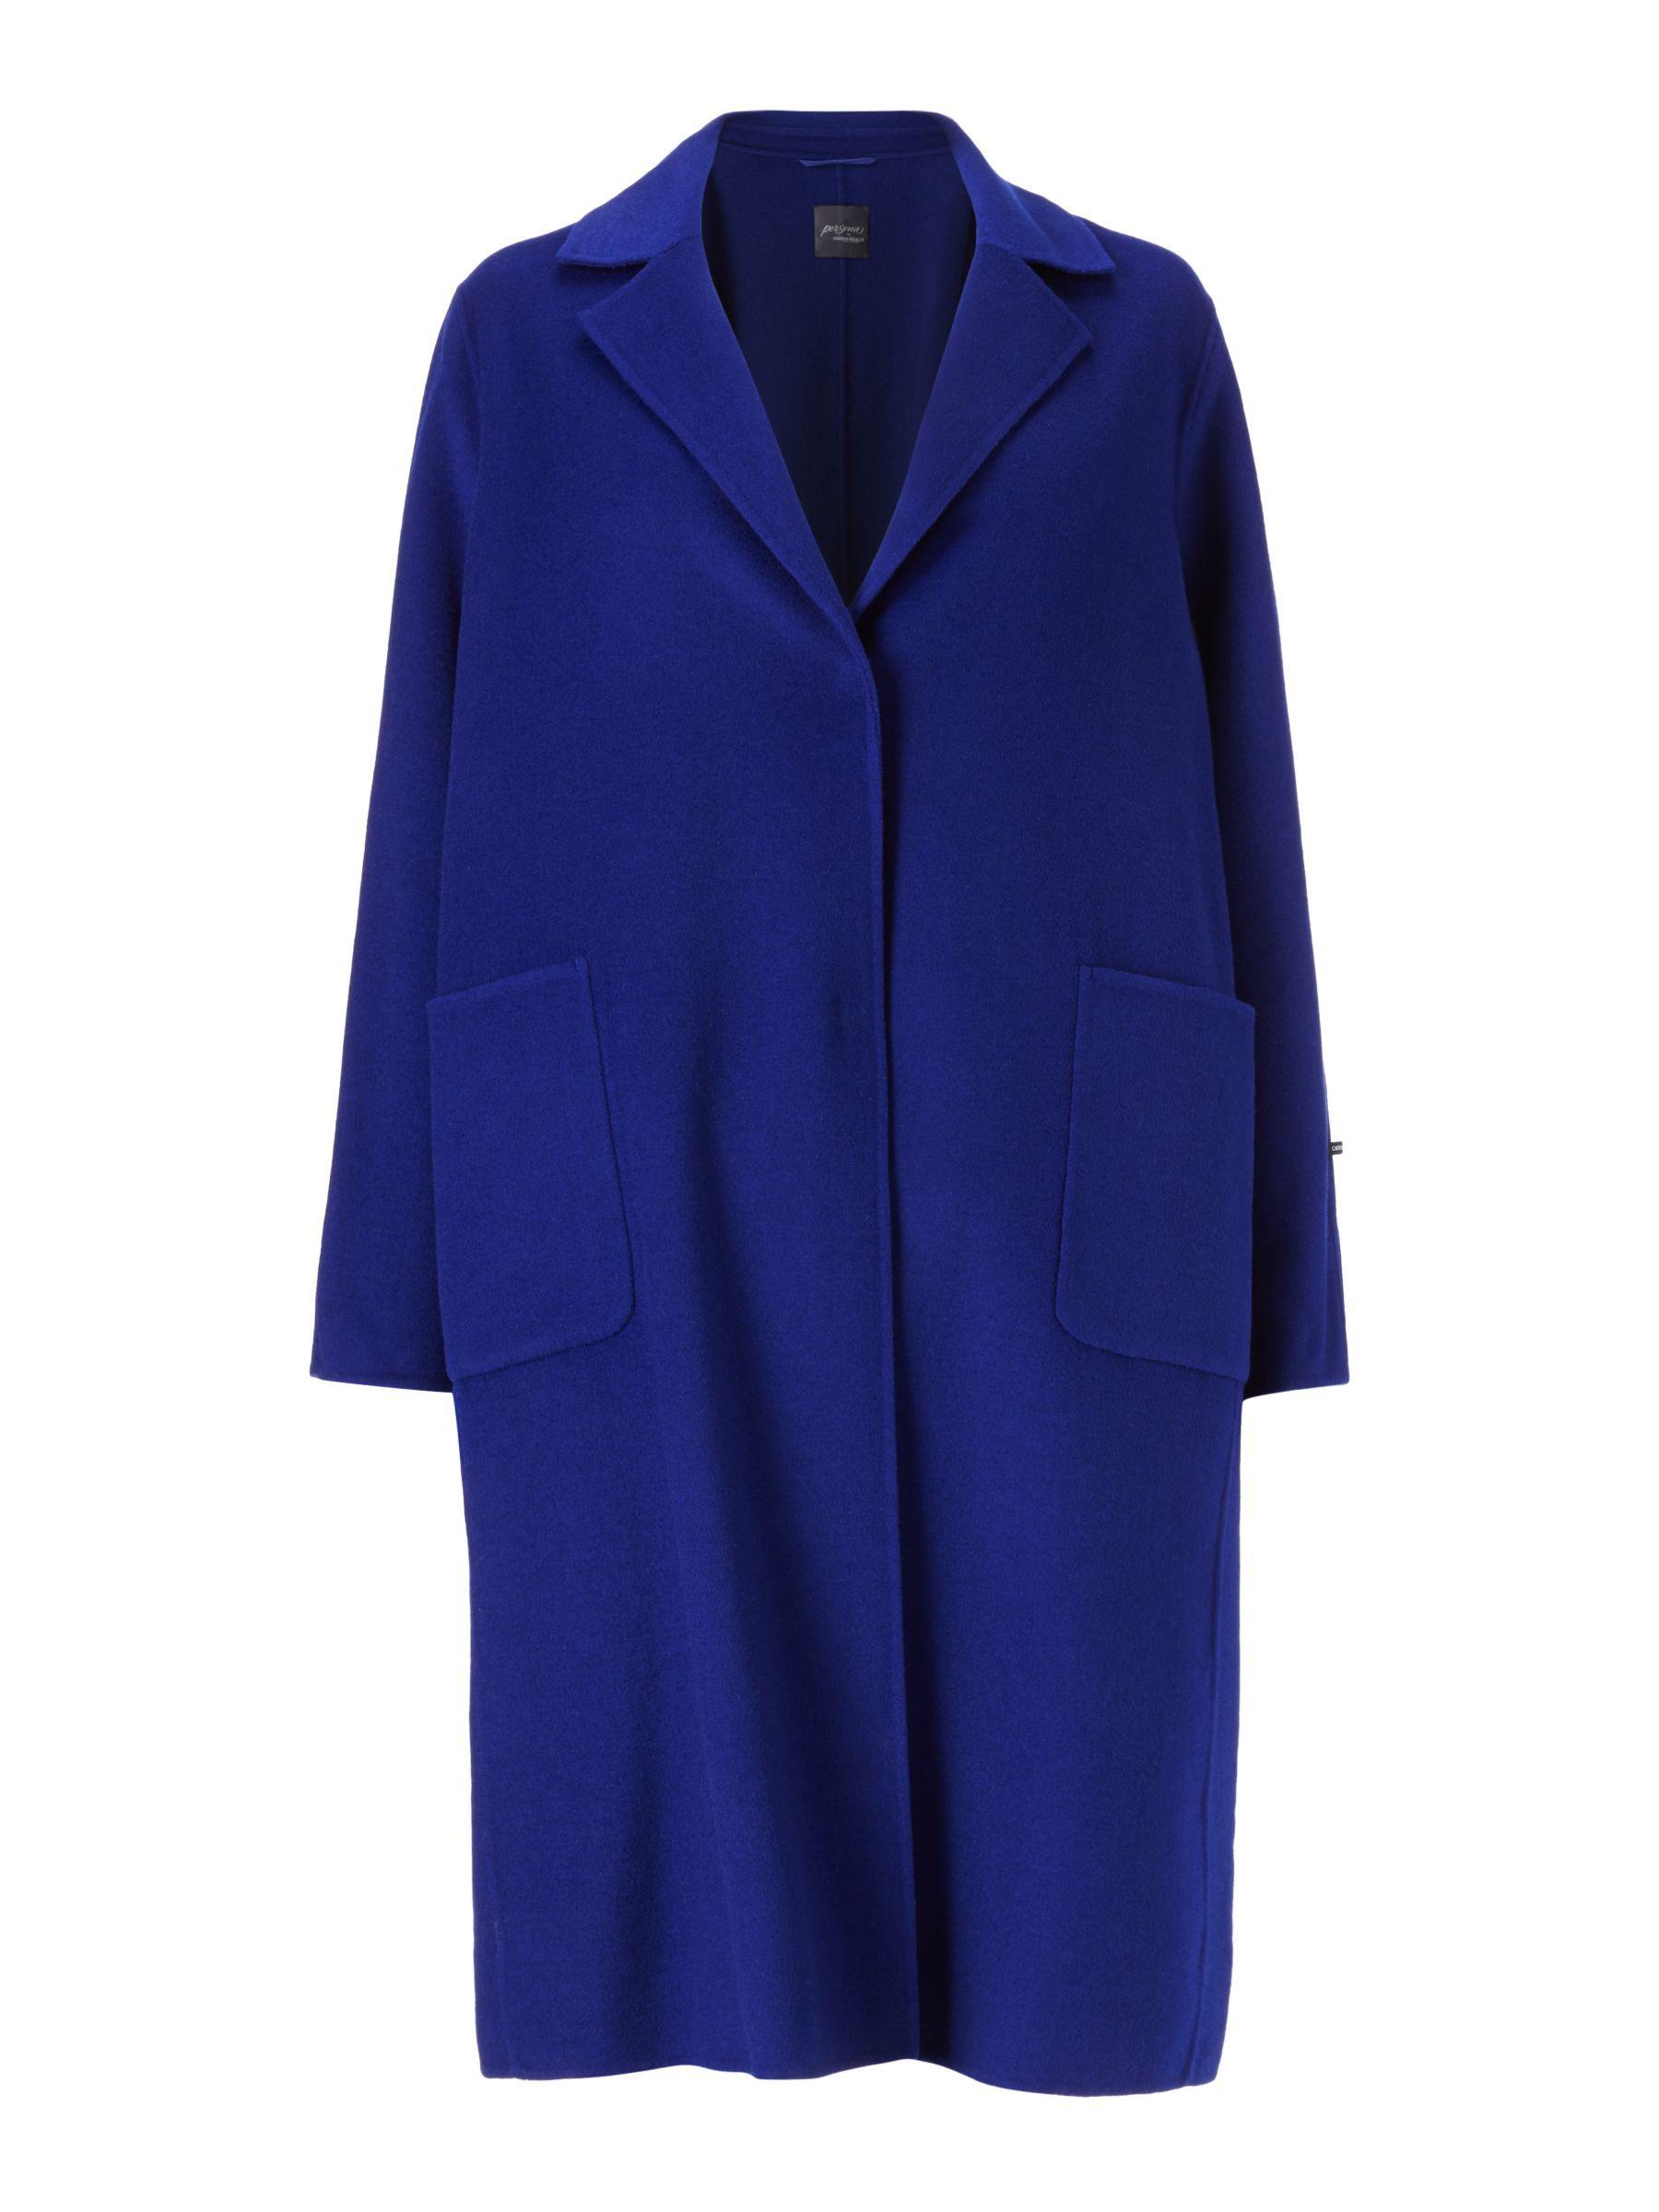 marina rinaldi plus size jackets, marina rinaldi wollmantel